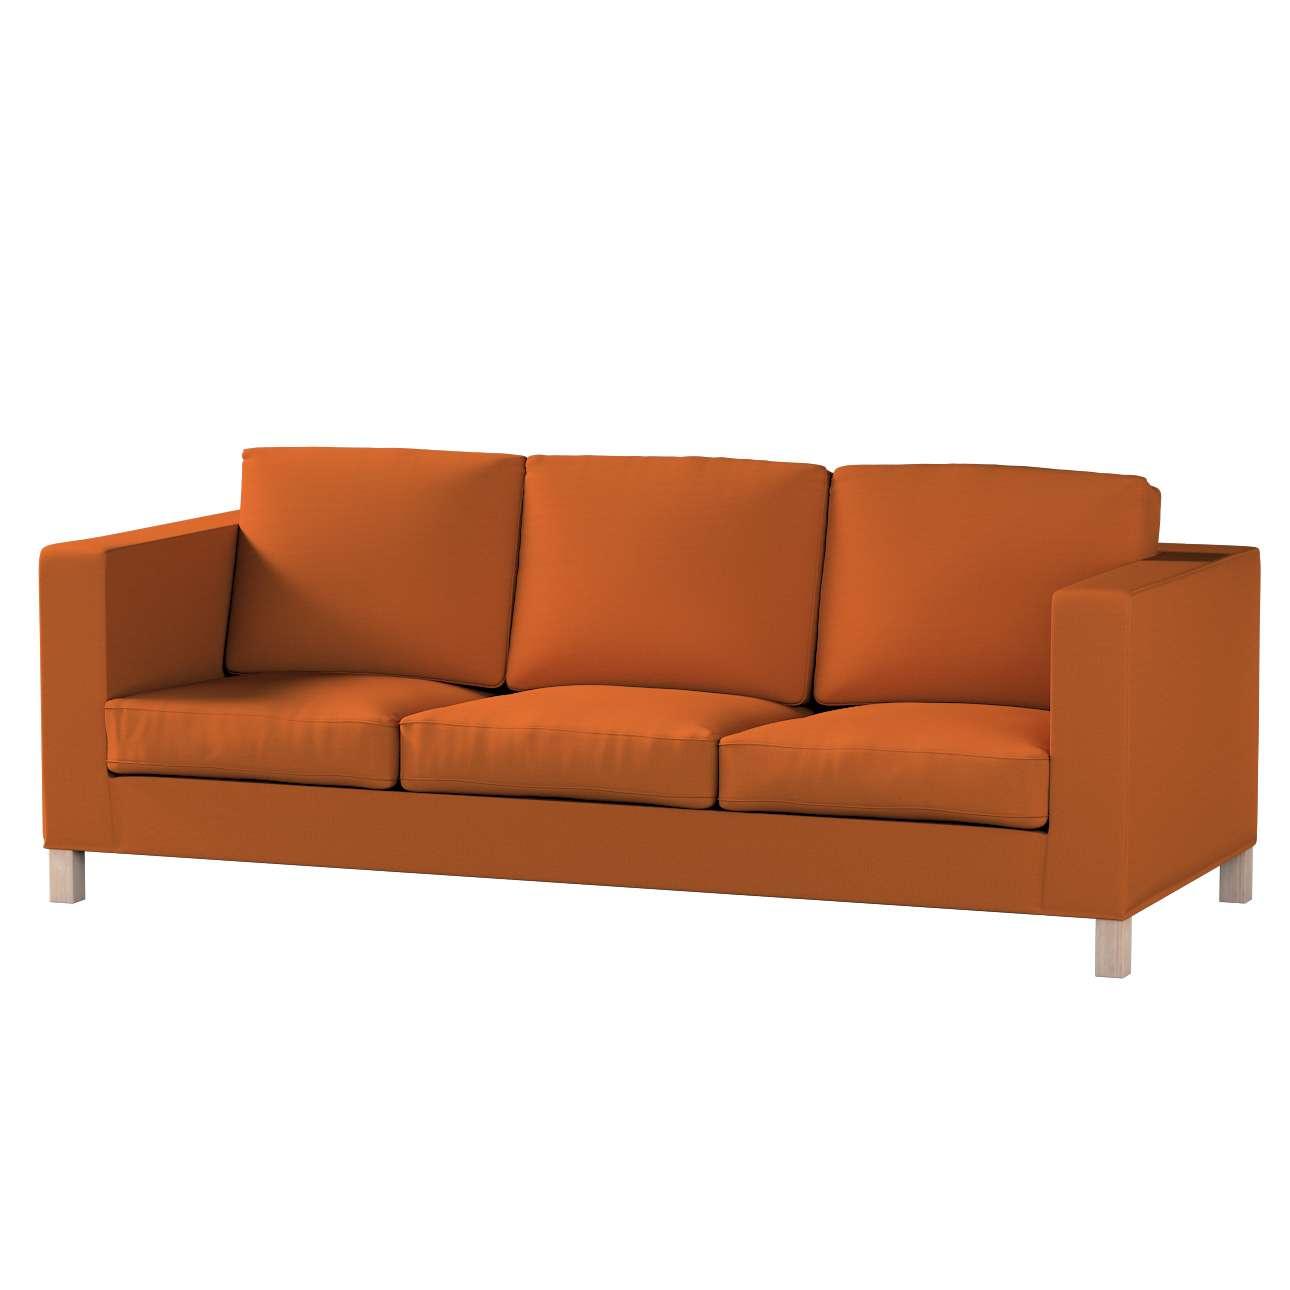 Bezug für Karlanda 3-Sitzer Sofa nicht ausklappbar, kurz von der Kollektion Cotton Panama, Stoff: 702-42